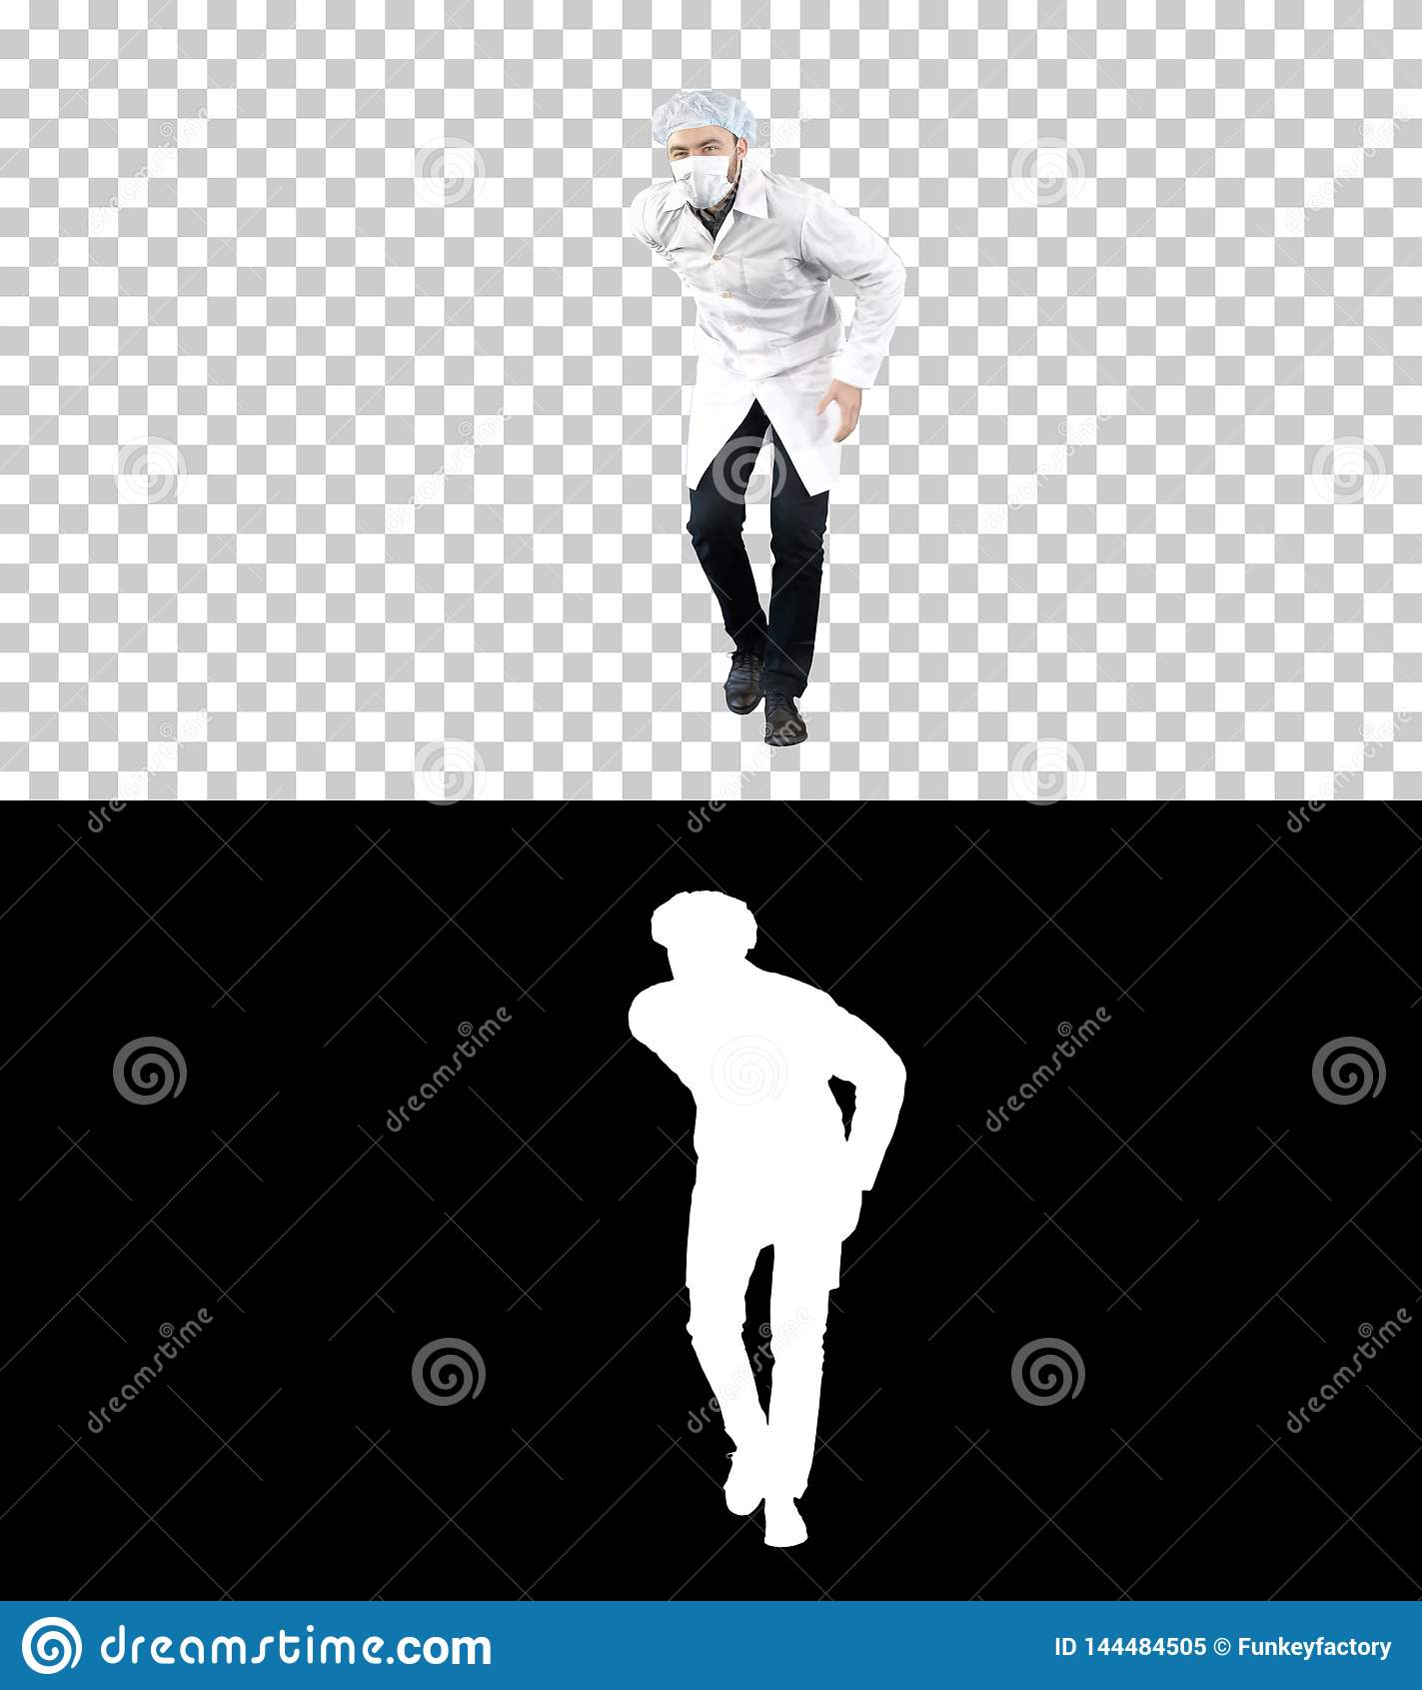 Cuide llevar su uniforme y llevar una máscara que él está caminando de una manera divertida, Alpha Channel